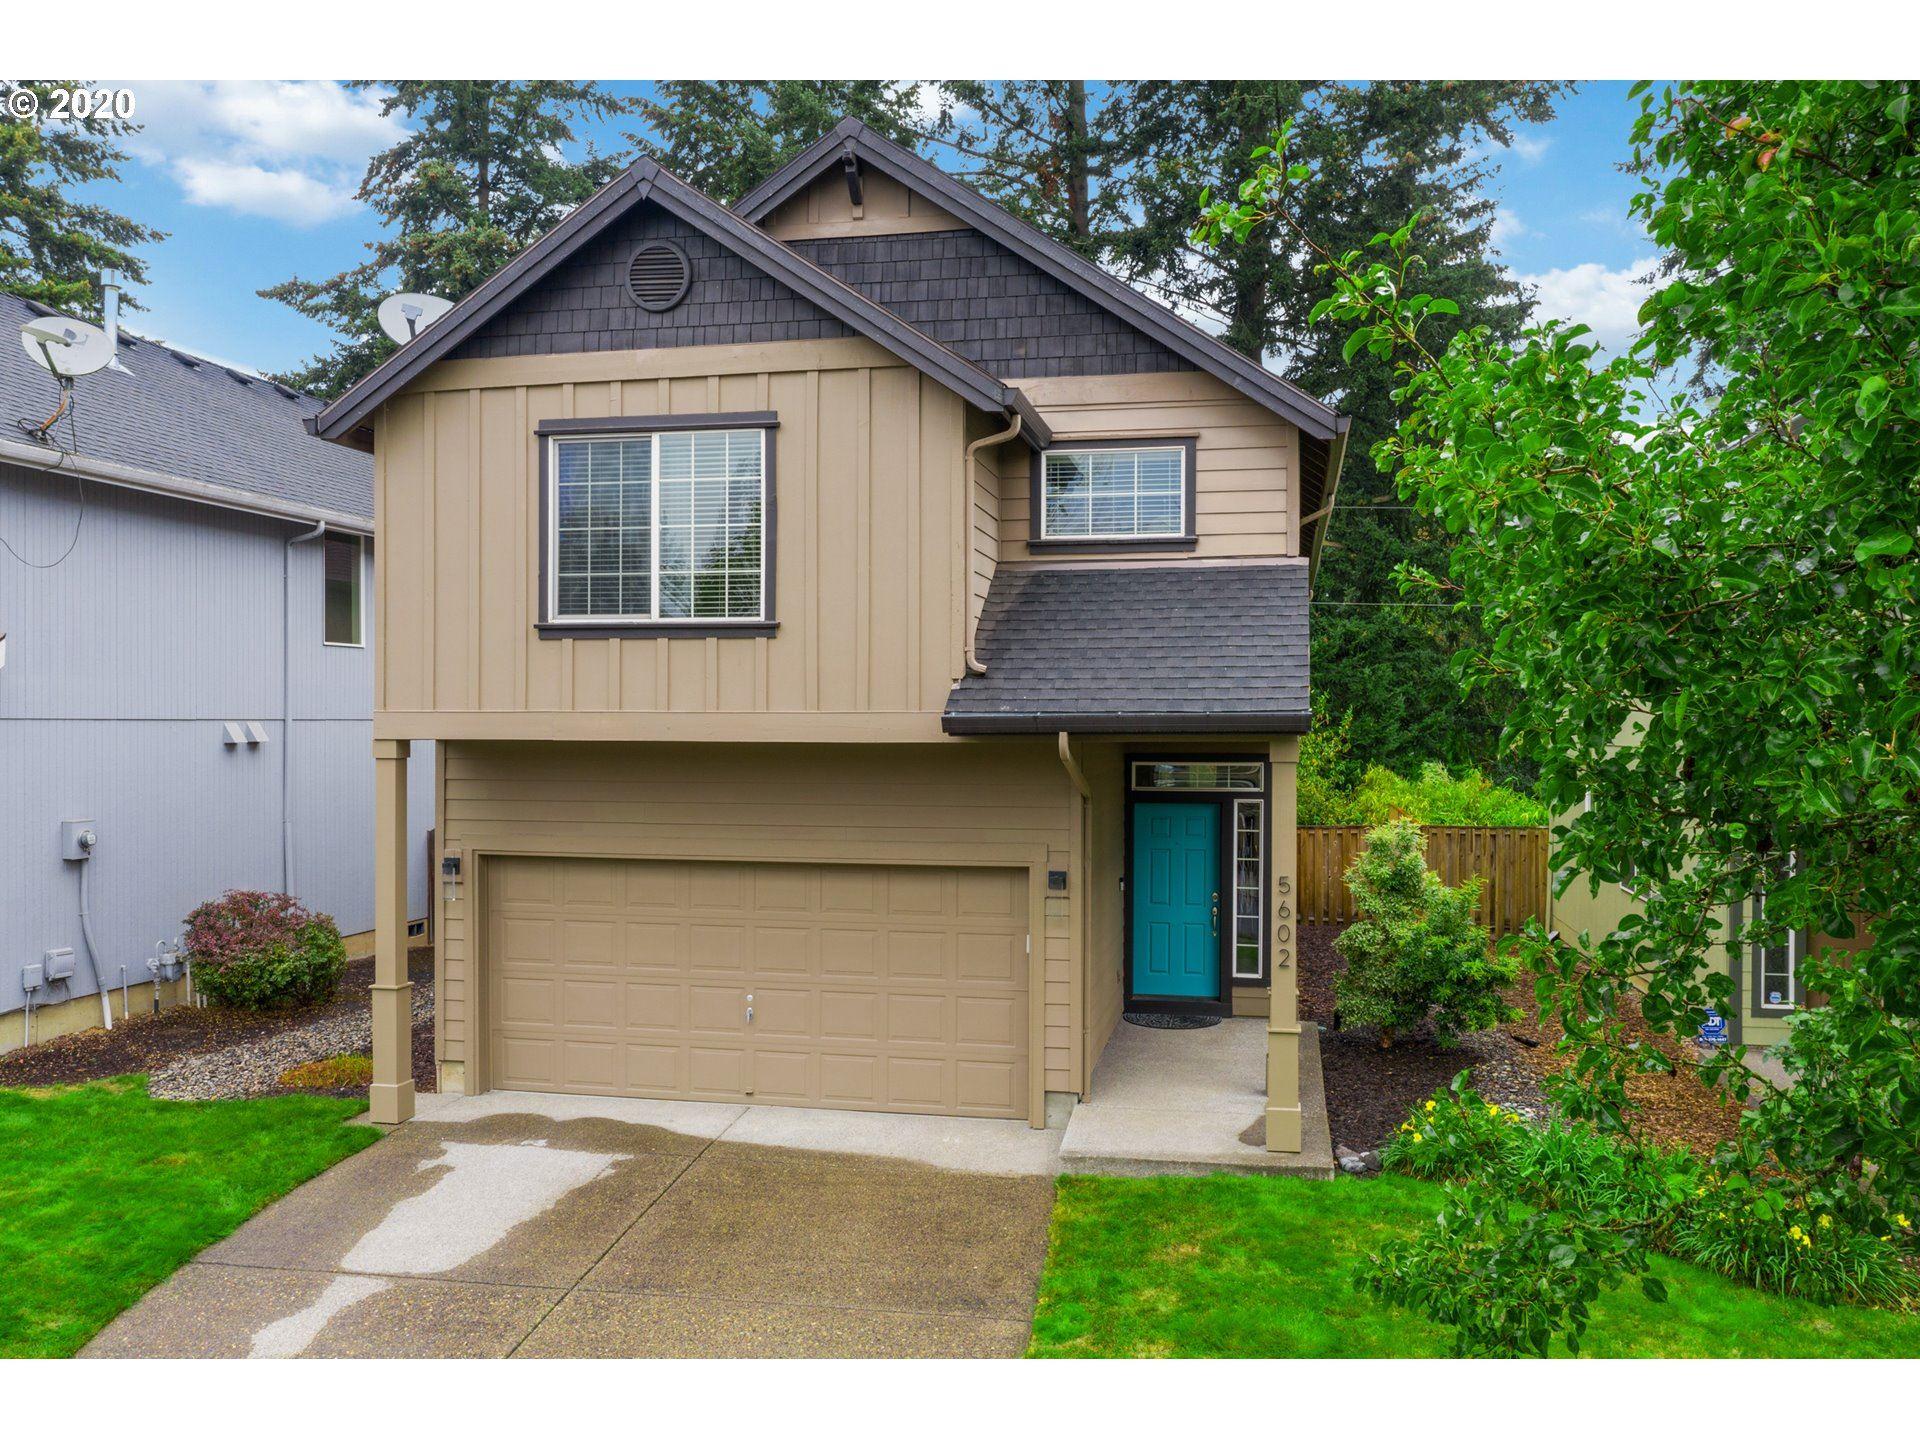 5602 NE 44TH ST, Vancouver, WA 98661 - MLS#: 20486090